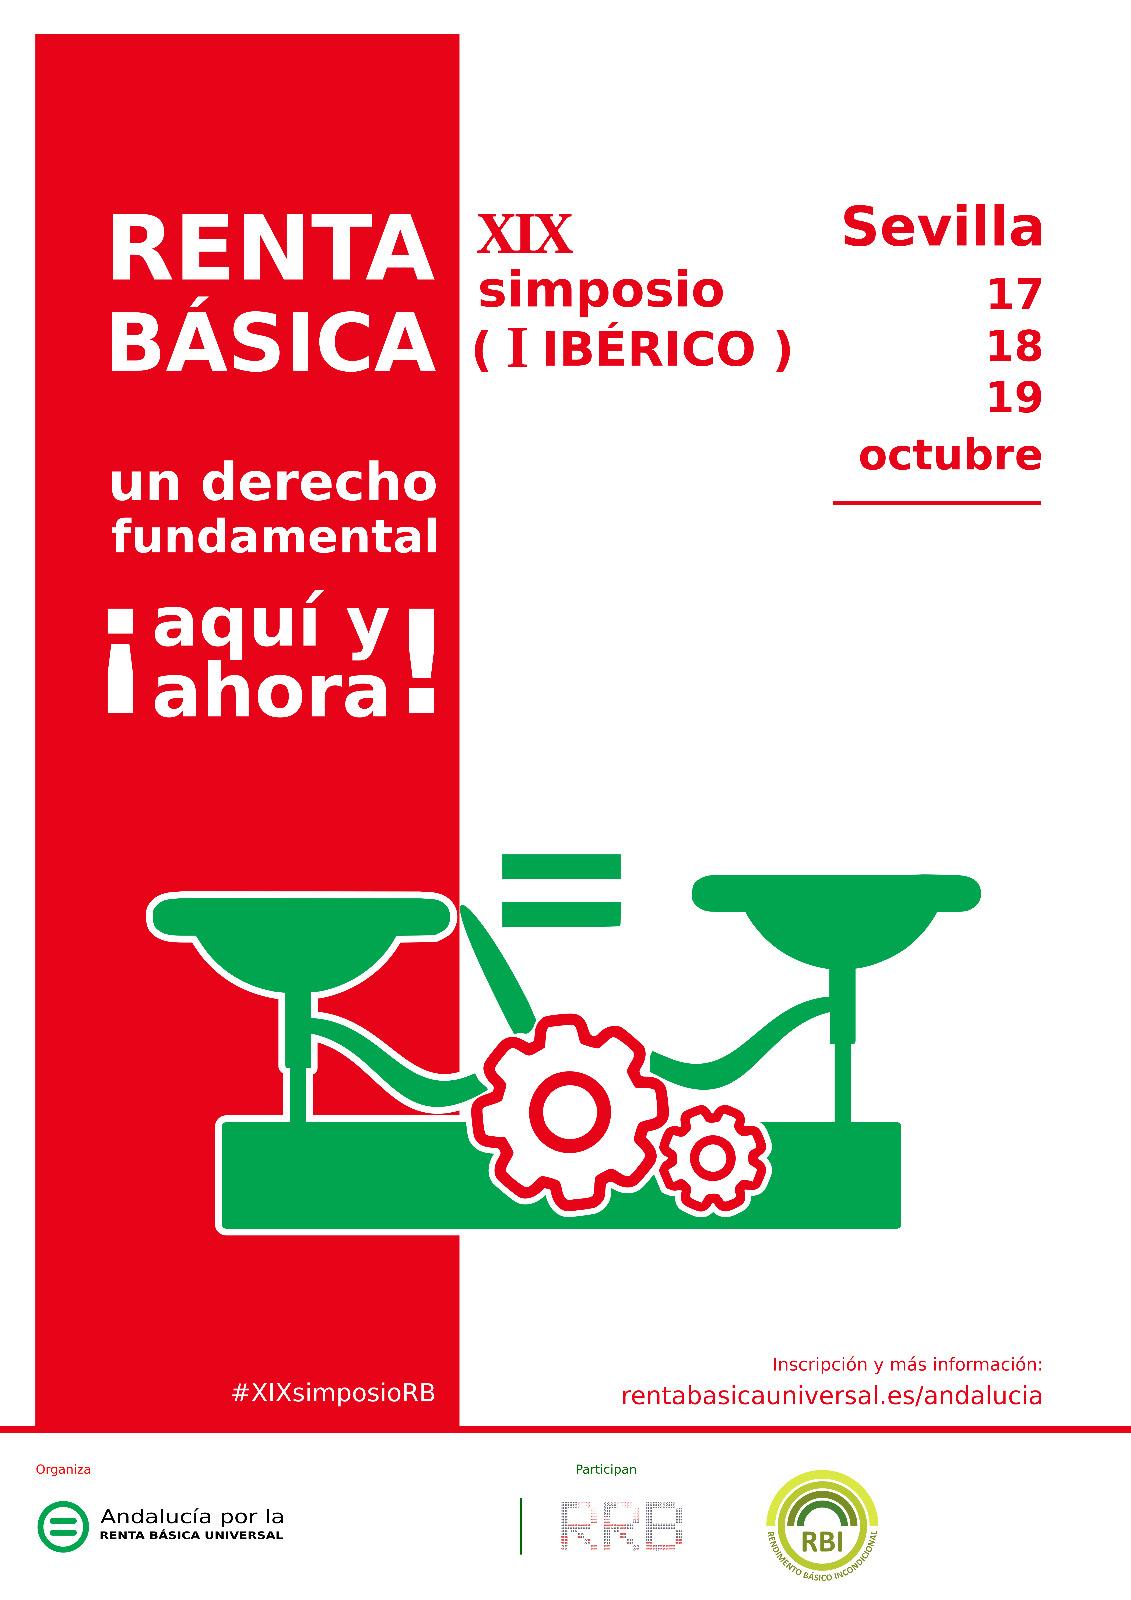 XIX SIMPOSIO (I IBÉRICO) RENTA BÁSICA un derecho fundamental ¡aquí y ahora!.